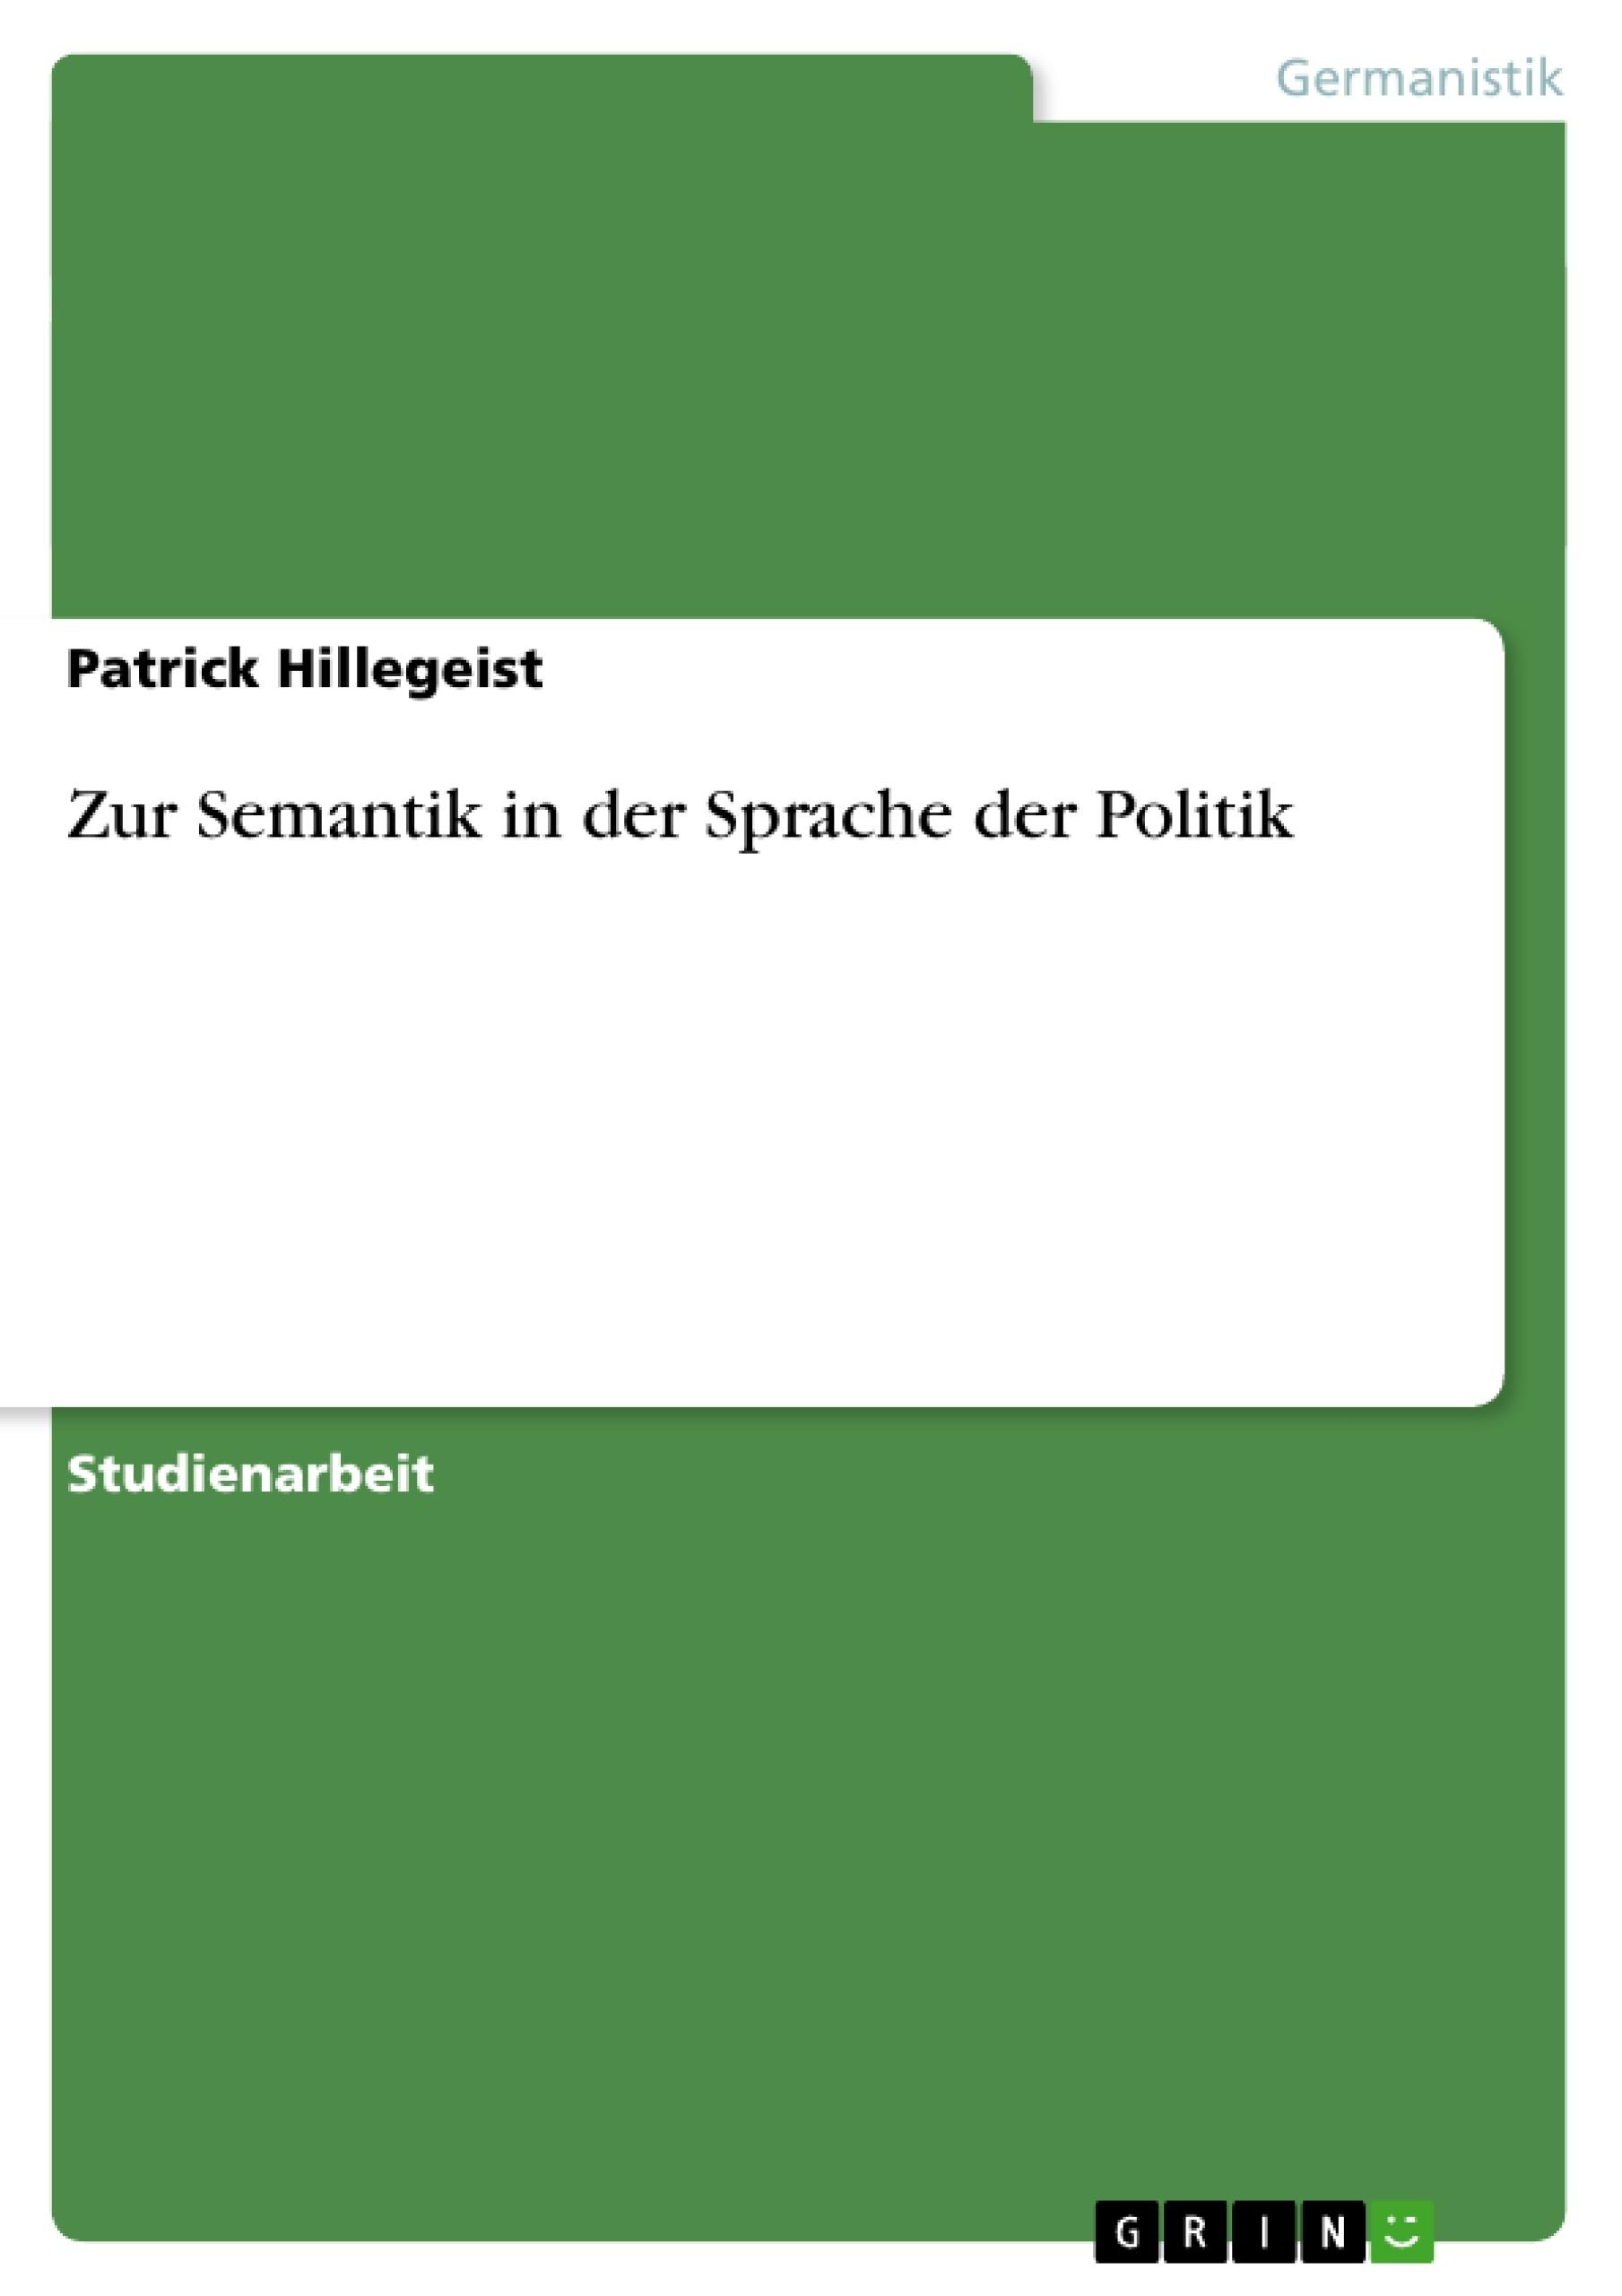 Titel: Zur Semantik in der Sprache der Politik